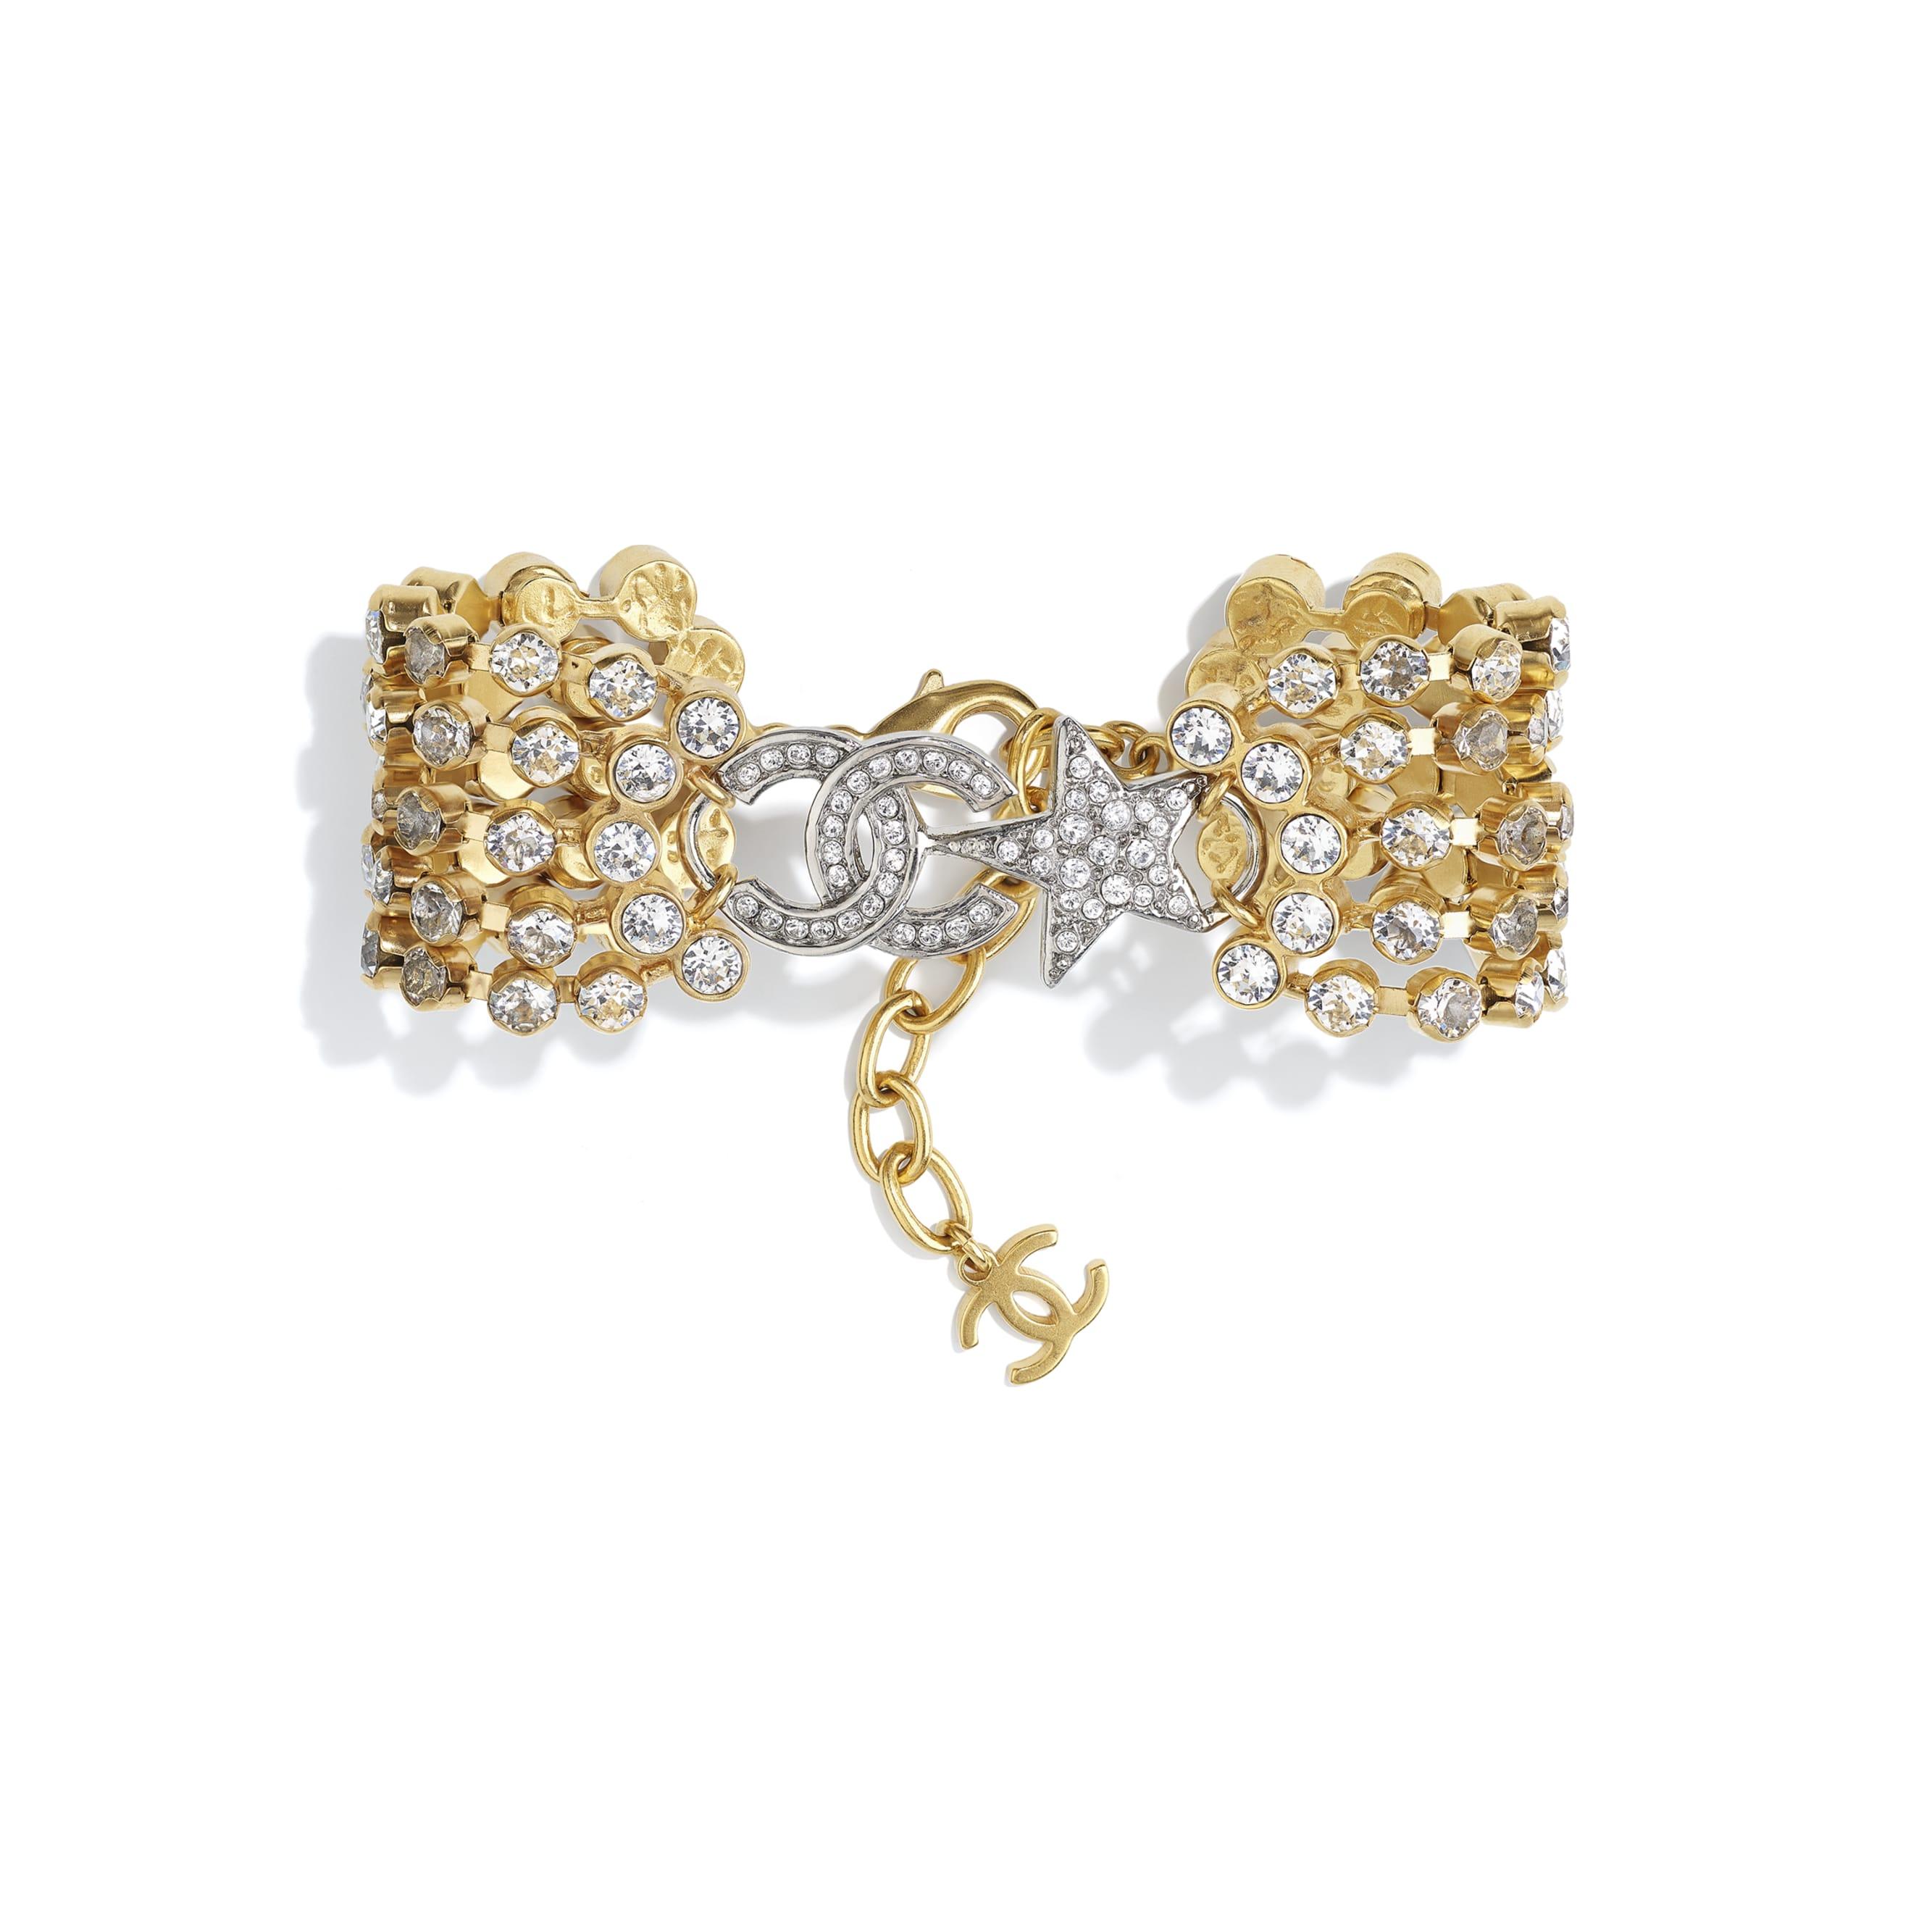 Bracciale - Oro, argento & cristallo - Metallo & strass - CHANEL - Immagine predefinita - vedere versione standard